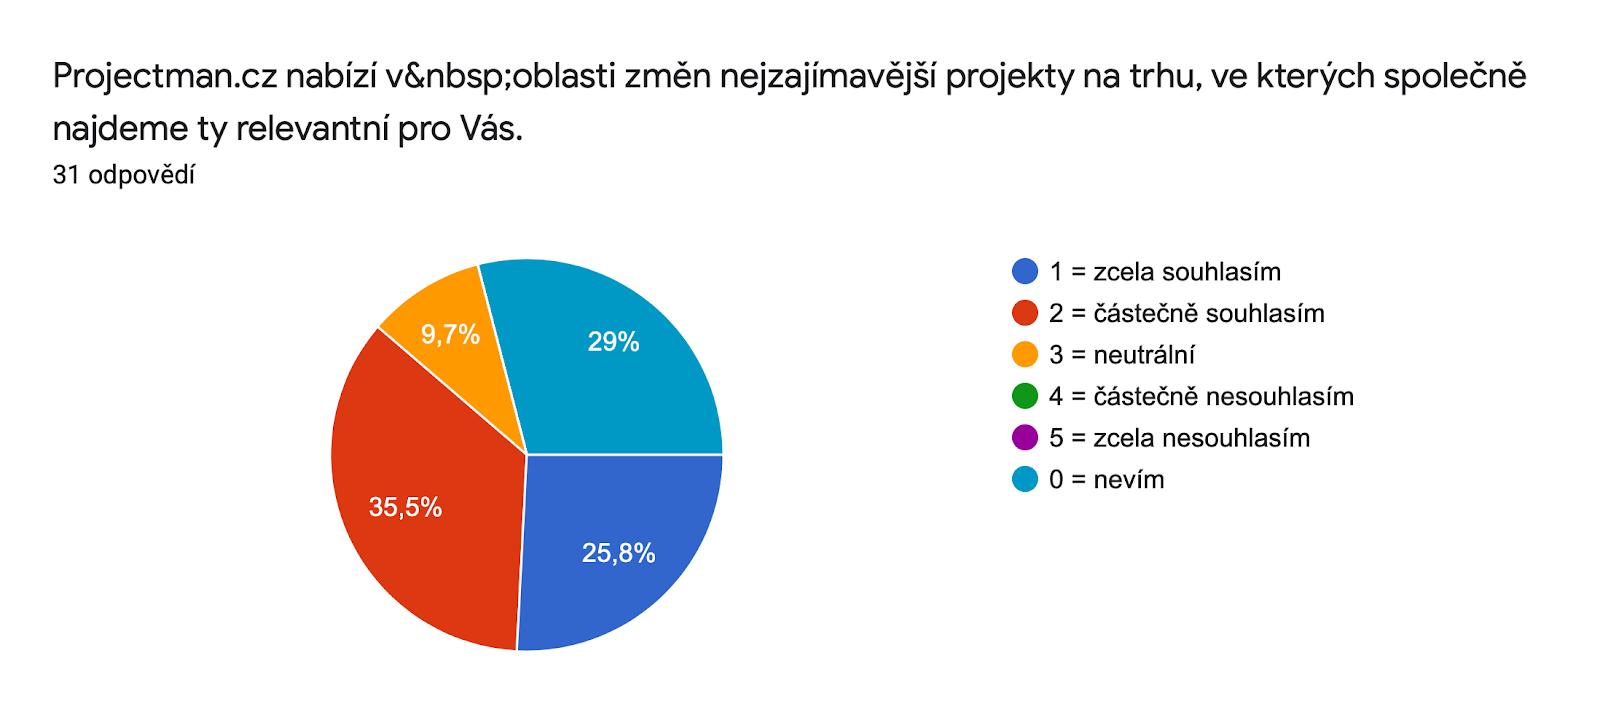 Graf odpovědí Formulářů. Název otázky: Projectman.cz nabízí v oblasti změn nejzajímavější projekty na trhu, ve kterých společně najdeme ty relevantní pro Vás.. Počet odpovědí: 31 odpovědí.